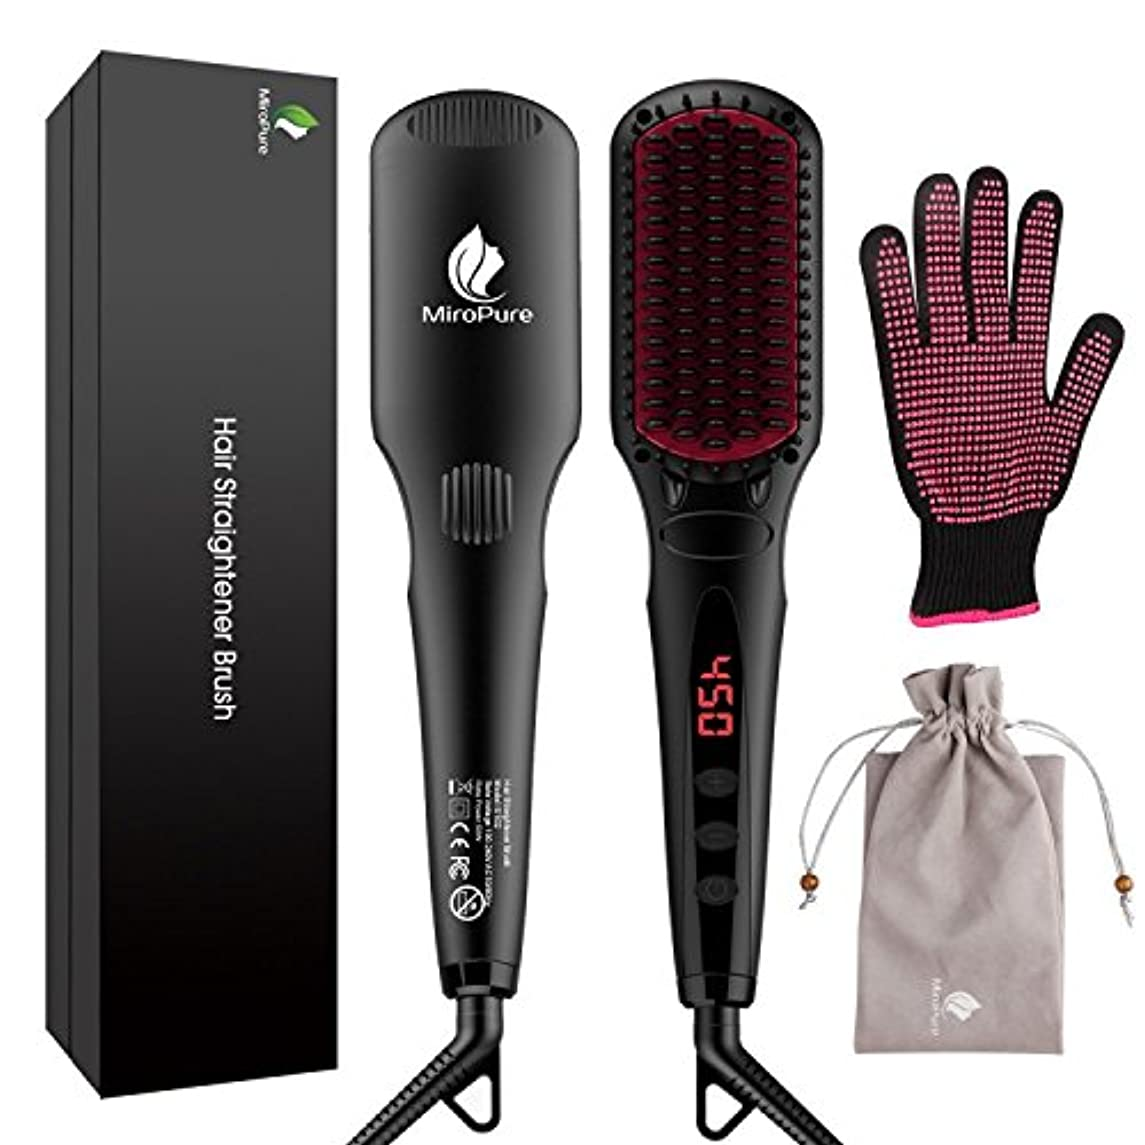 前方へストラトフォードオンエイボンスペクトラムMiroPure 2 in 1 Ionic Hair Straightener Brush ヘアストレートヘアブラシ with Heat Resistant Glove and Temperature Lock Function...